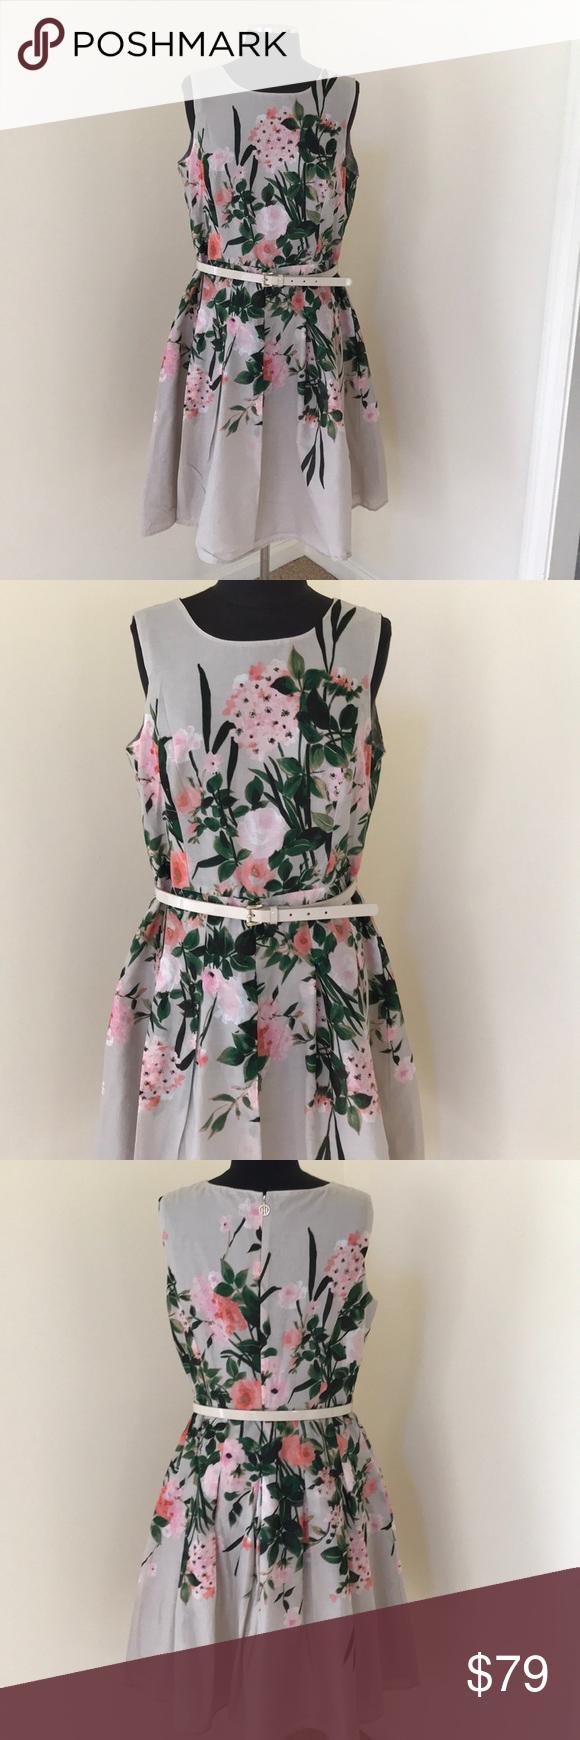 4fee534f7a5 NWT! Tommy Hilfiger SZ 10 floral cotton dress NWT in 2018